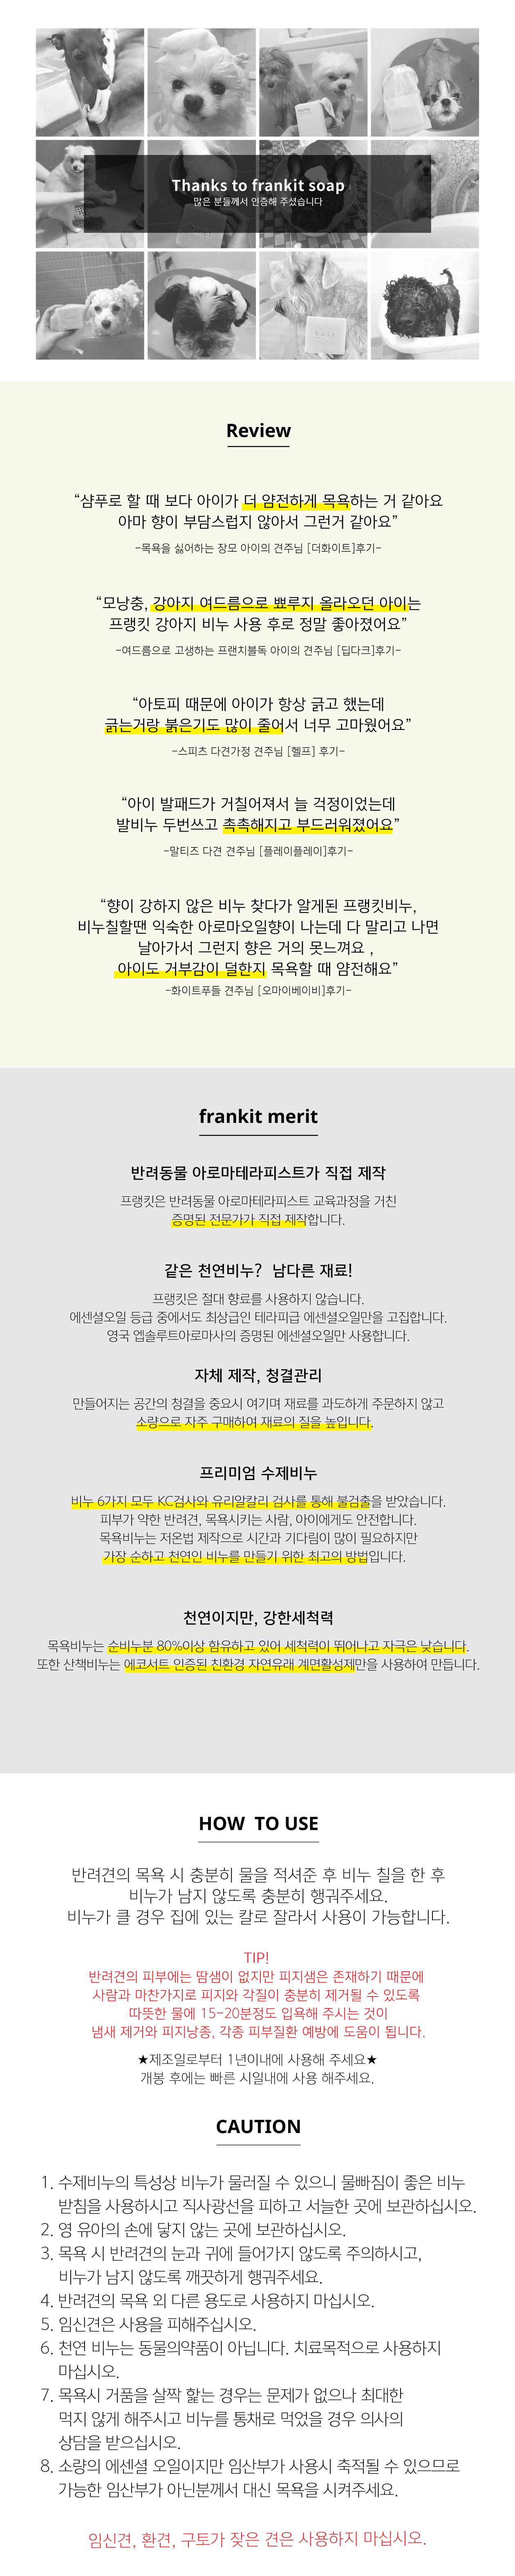 아로마 강아지비누 플레이플레이 (산책 후 발바닥용) - 프랭킷, 8,000원, 미용/목욕용품, 샴푸/린스